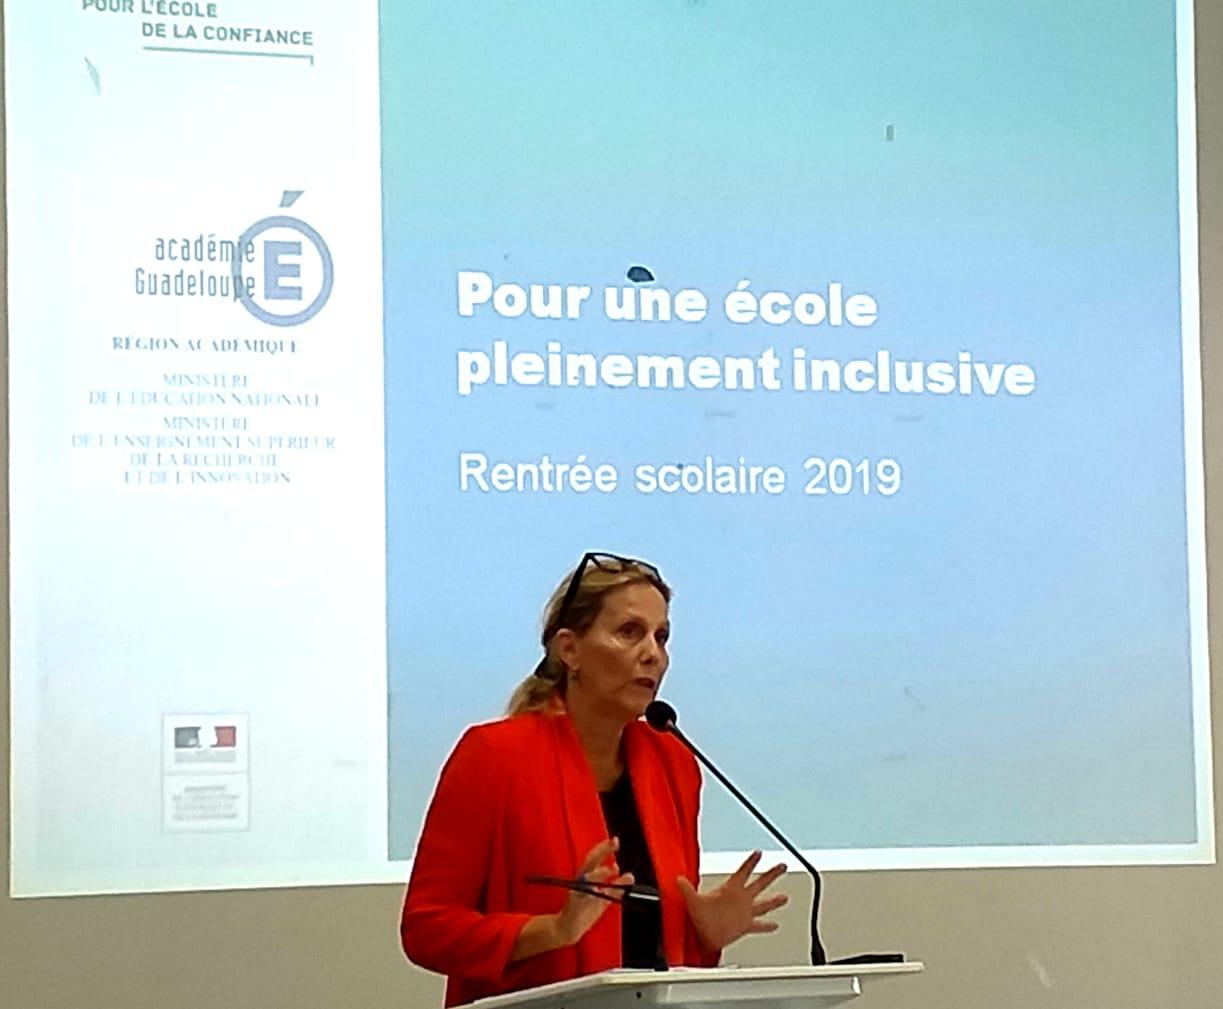 L'IEN-ASH, Geneviève STROZYK-ABRUN